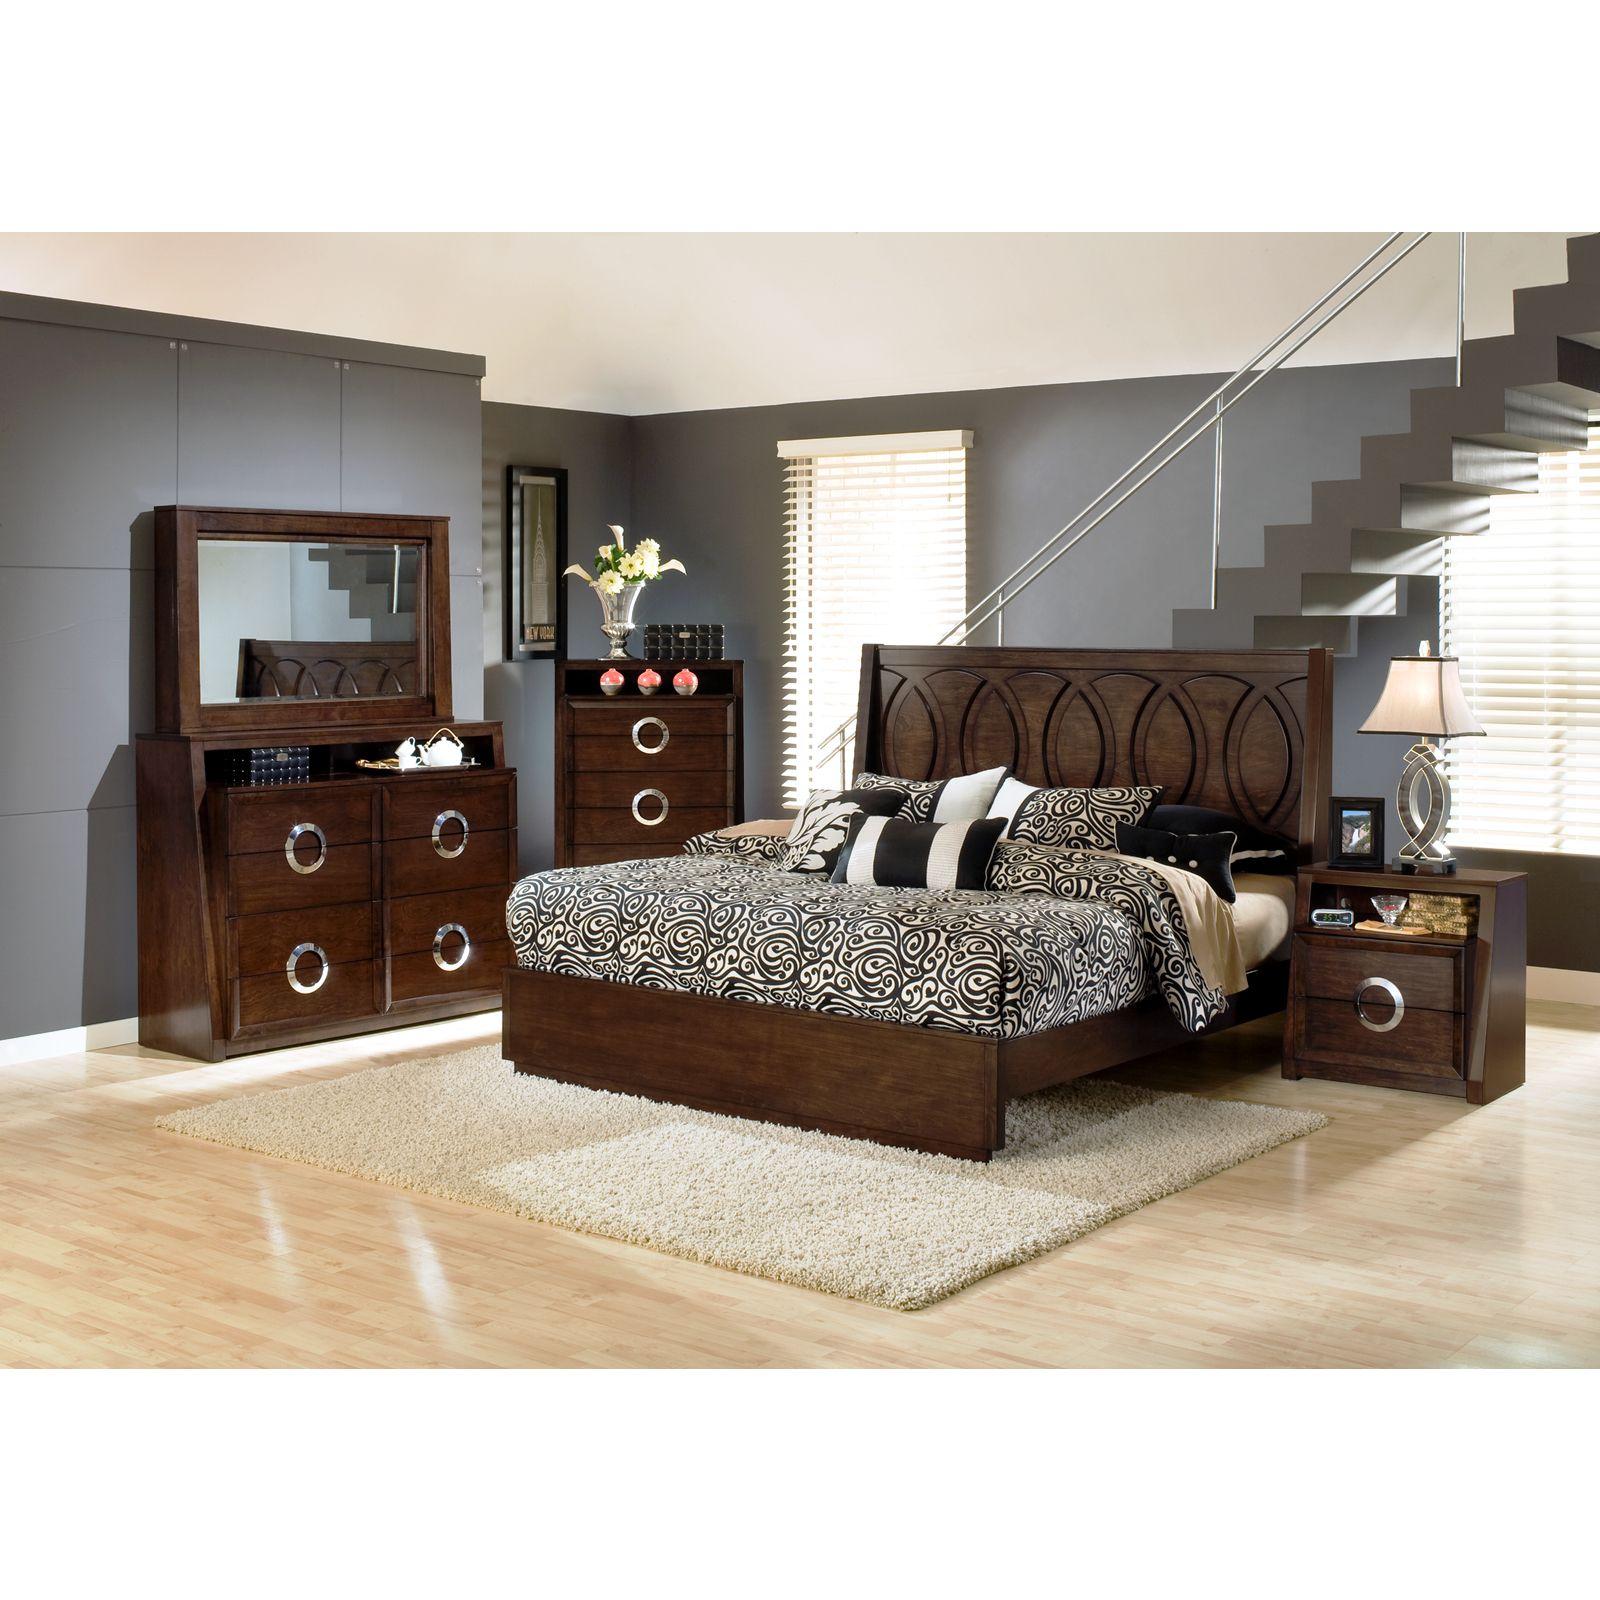 Presley Dark Birch Bedroom Set   Overstock Shopping   Big Discounts On Bedroom  Sets